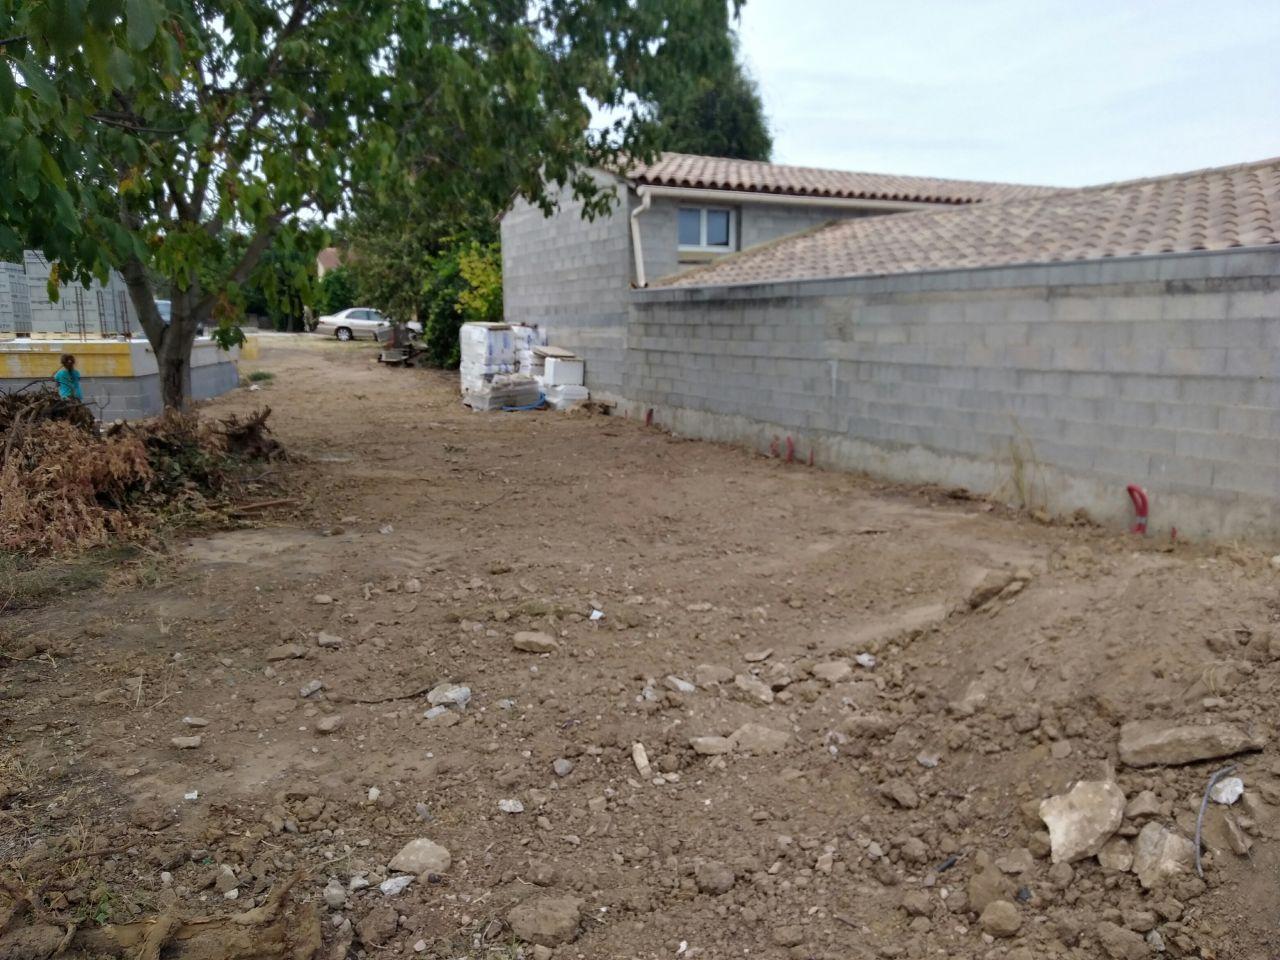 Réseaux humides enterrés et terrain mis à plat